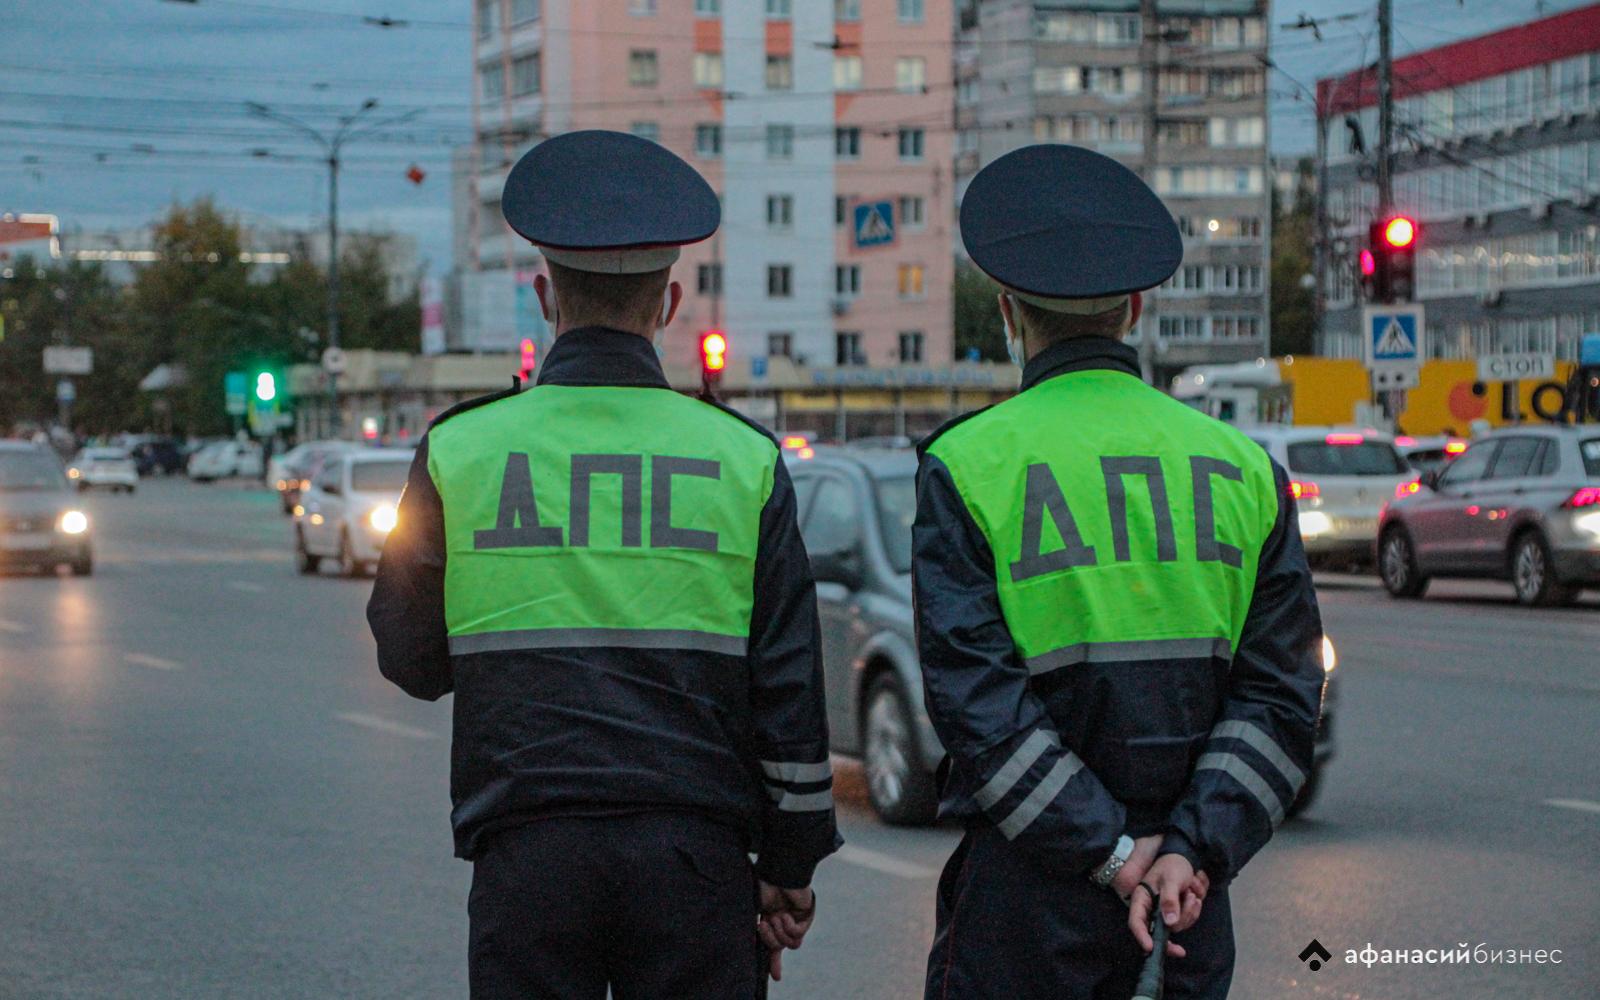 Автомобилистов в России может ждать массовое лишение прав - новости Афанасий